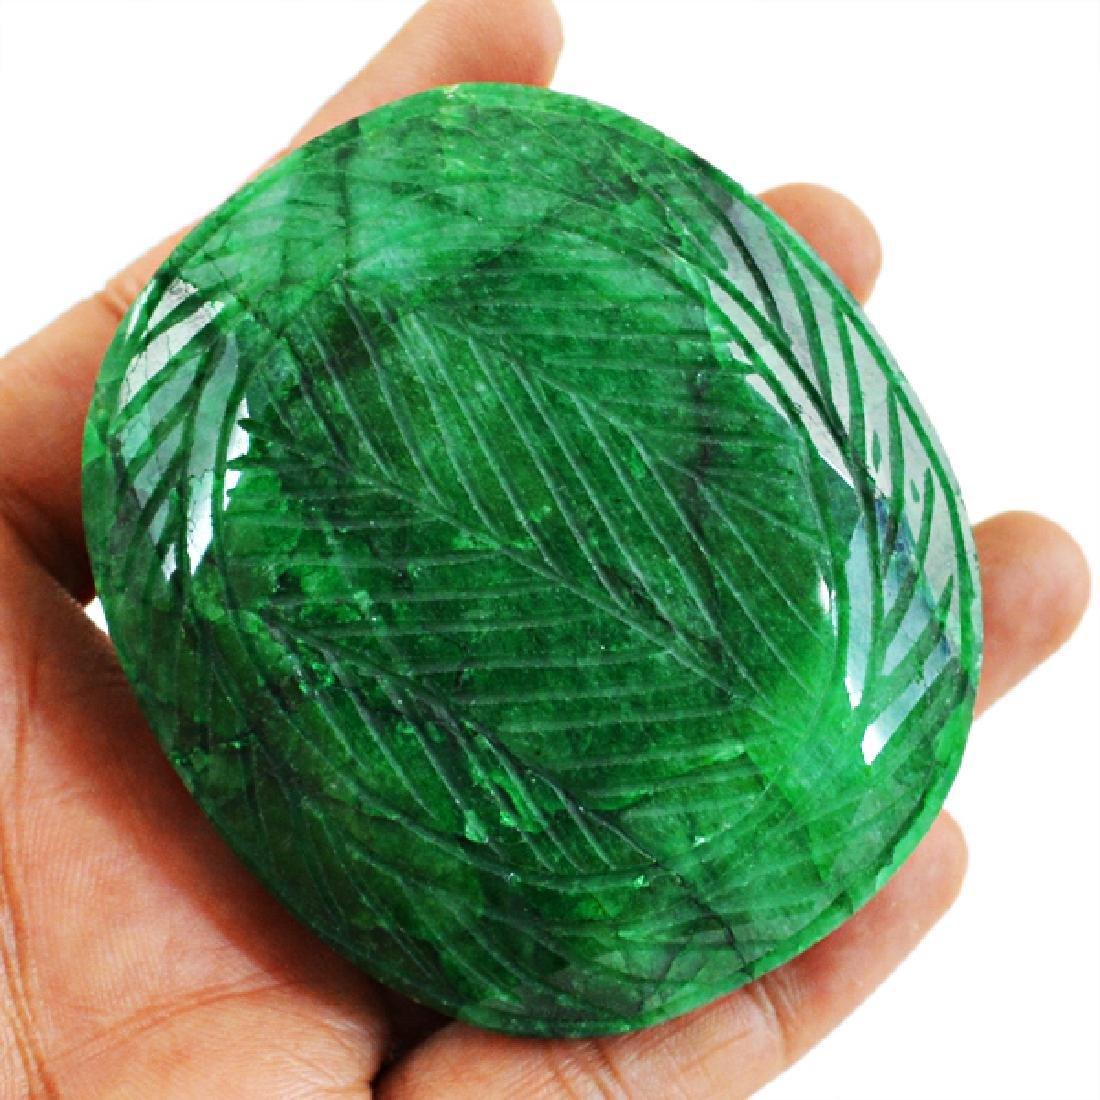 Green Emerald Carved Gem